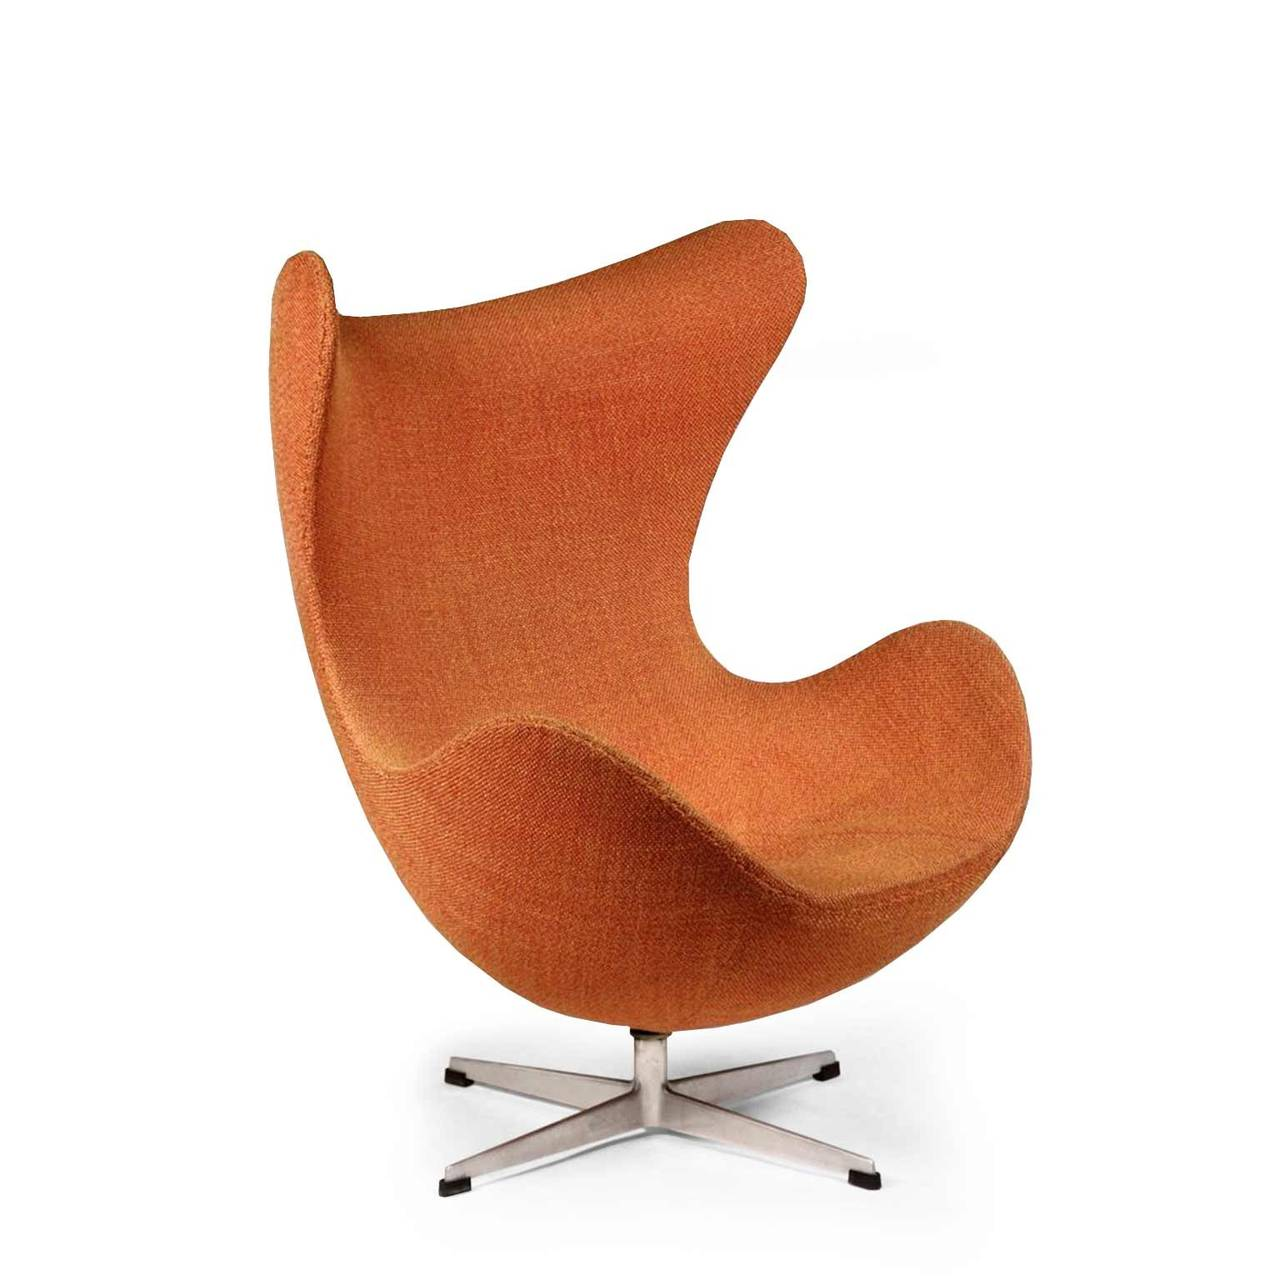 arne jacobsen egg chair for sale at 1stdibs. Black Bedroom Furniture Sets. Home Design Ideas